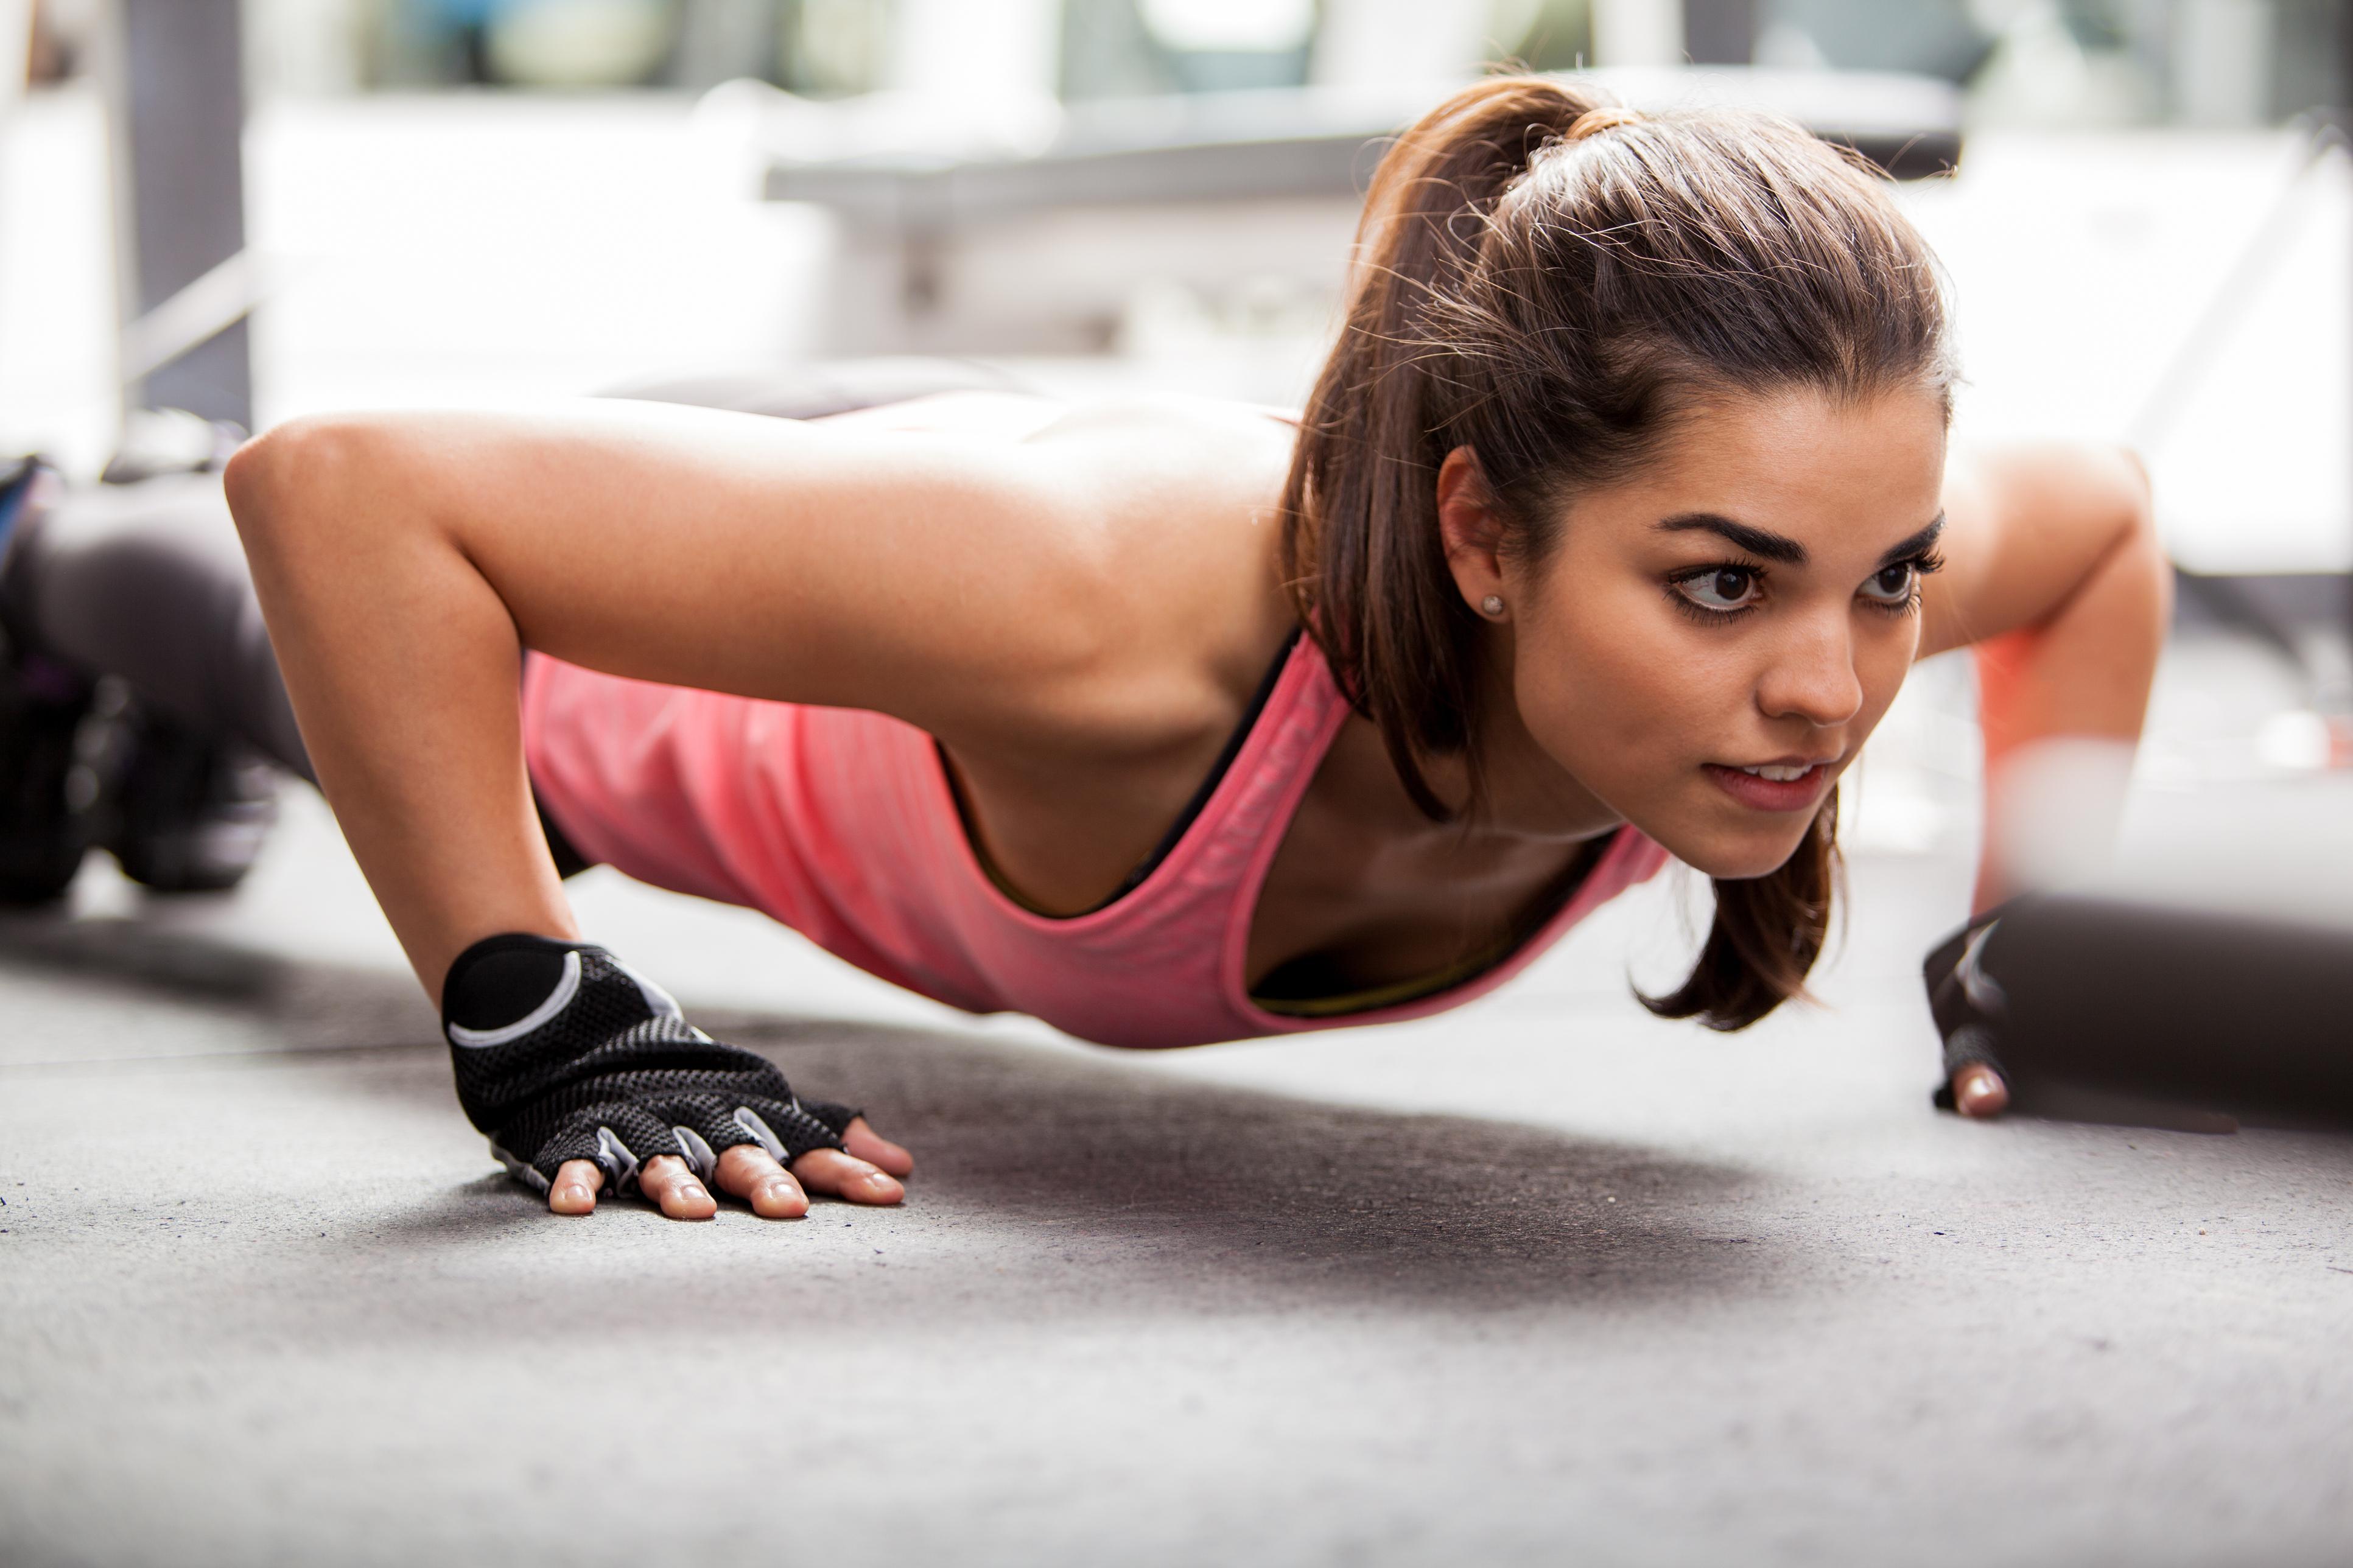 Фото девушек в спортзале для спортзала